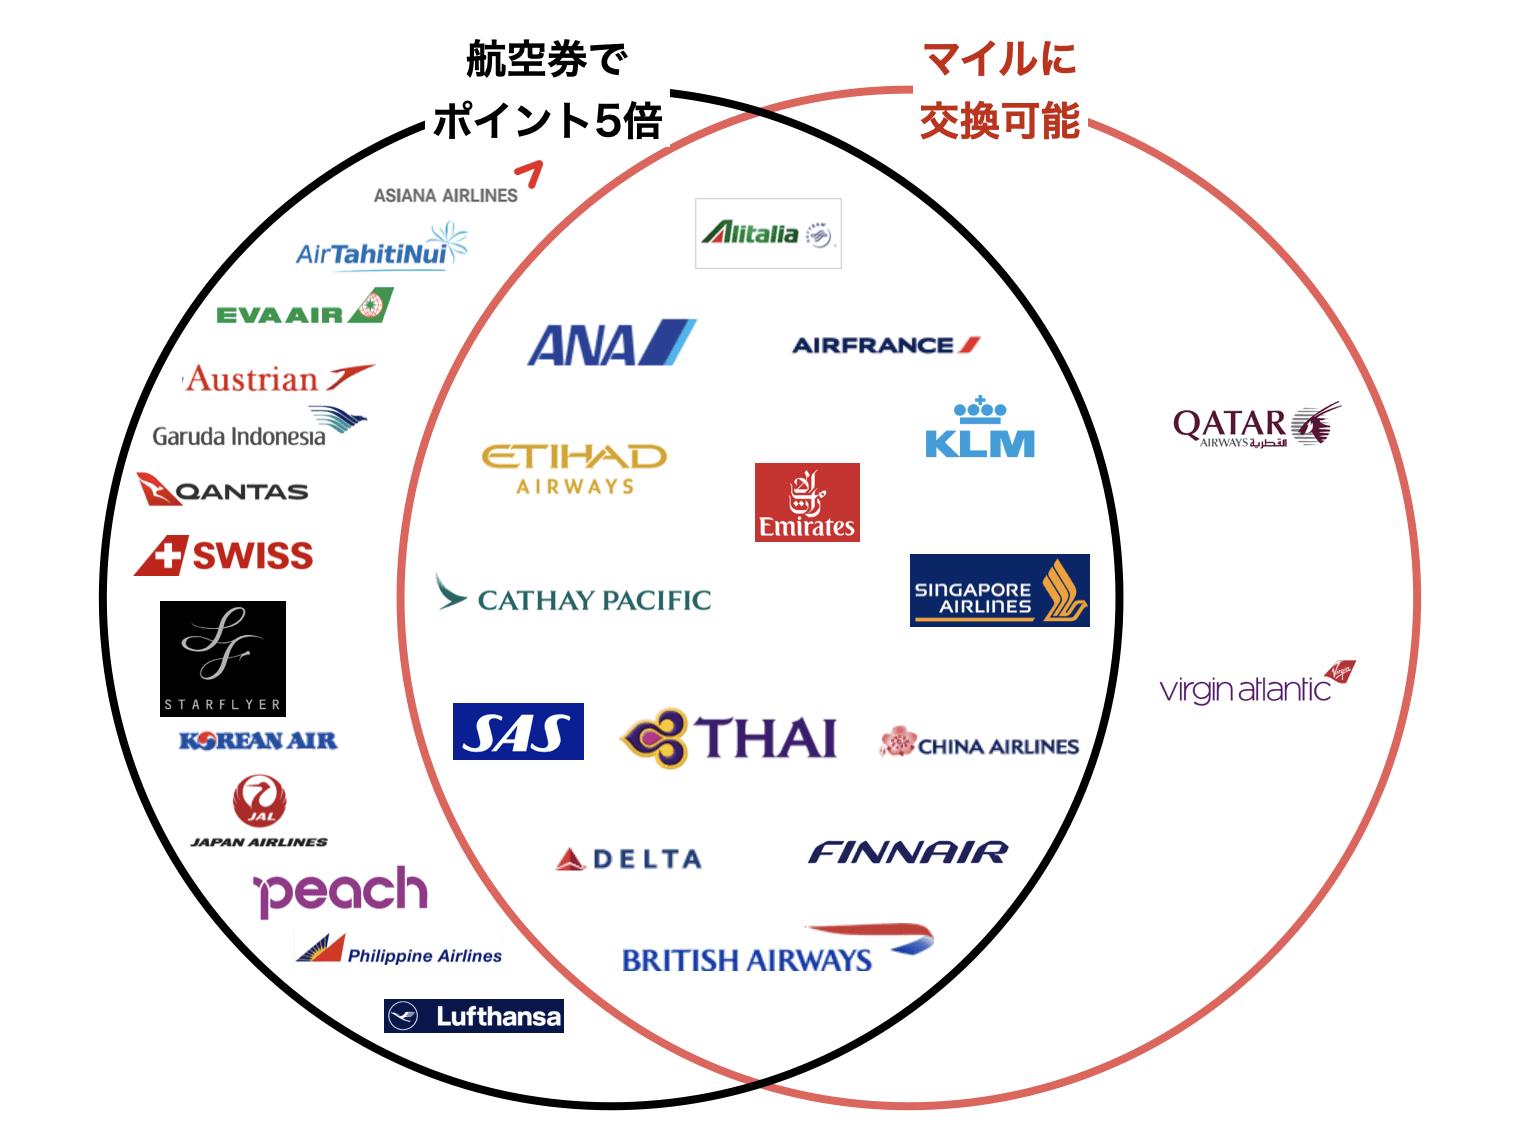 アメリカン・エキスプレス・スカイ・トラベラー・プレミア・カードでポイント5倍やマイルに交換できる航空会社(2020年4月版)